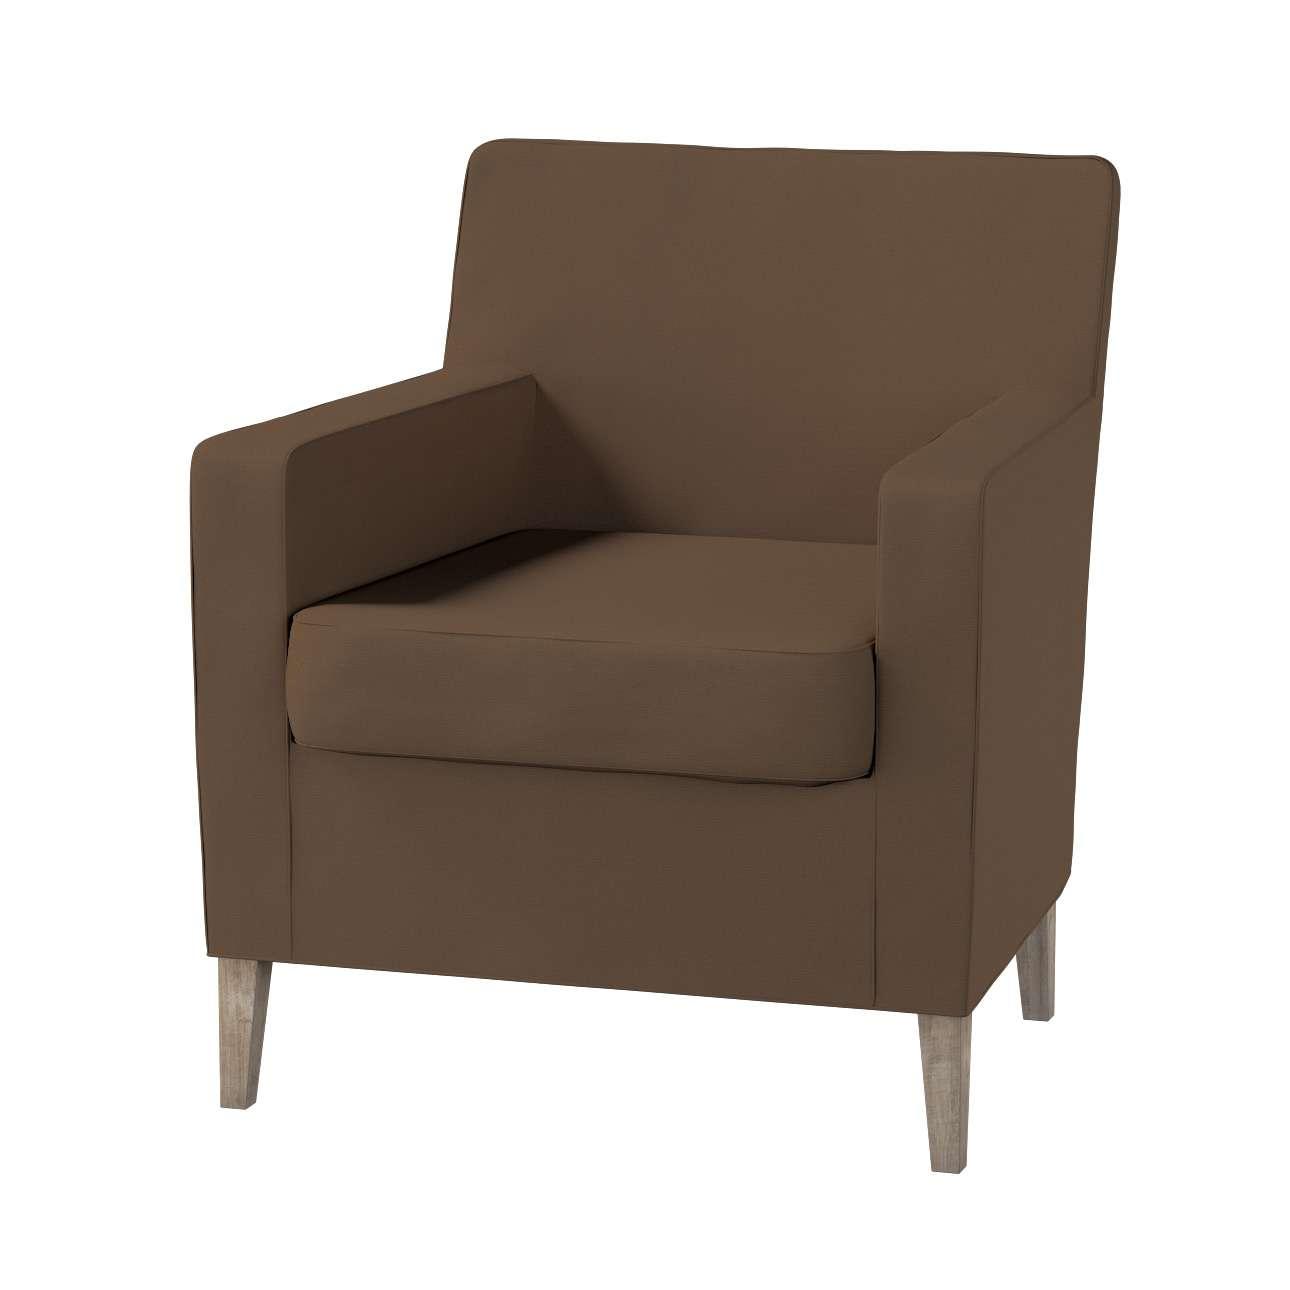 Karlstad fotelio-kėdės užvalkalas Karlstad fotelio - kėdės užvalkalas kolekcijoje Cotton Panama, audinys: 702-02